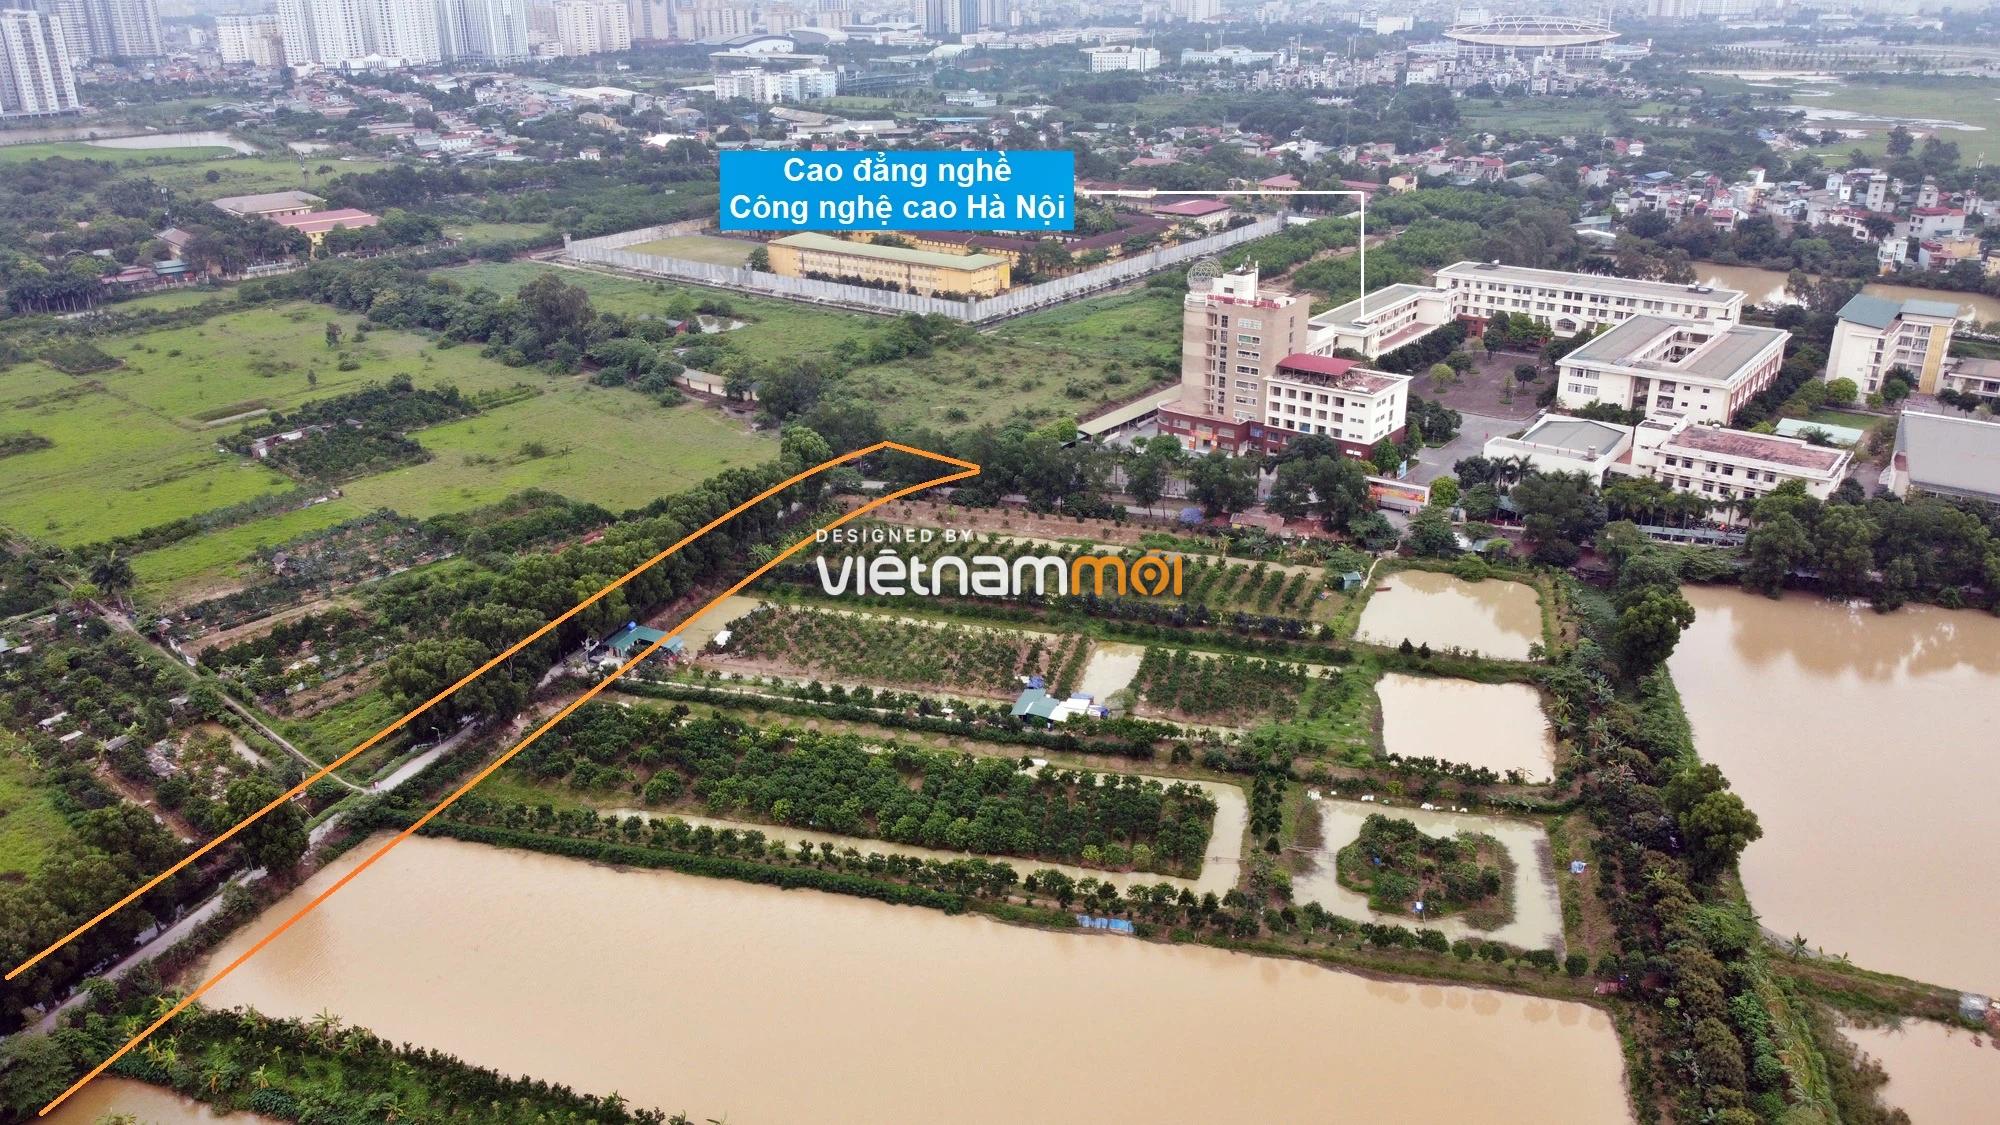 Những khu đất sắp thu hồi để mở đường ở phường Tây Mỗ, Nam Từ Liêm, Hà Nội (phần 3) - Ảnh 10.